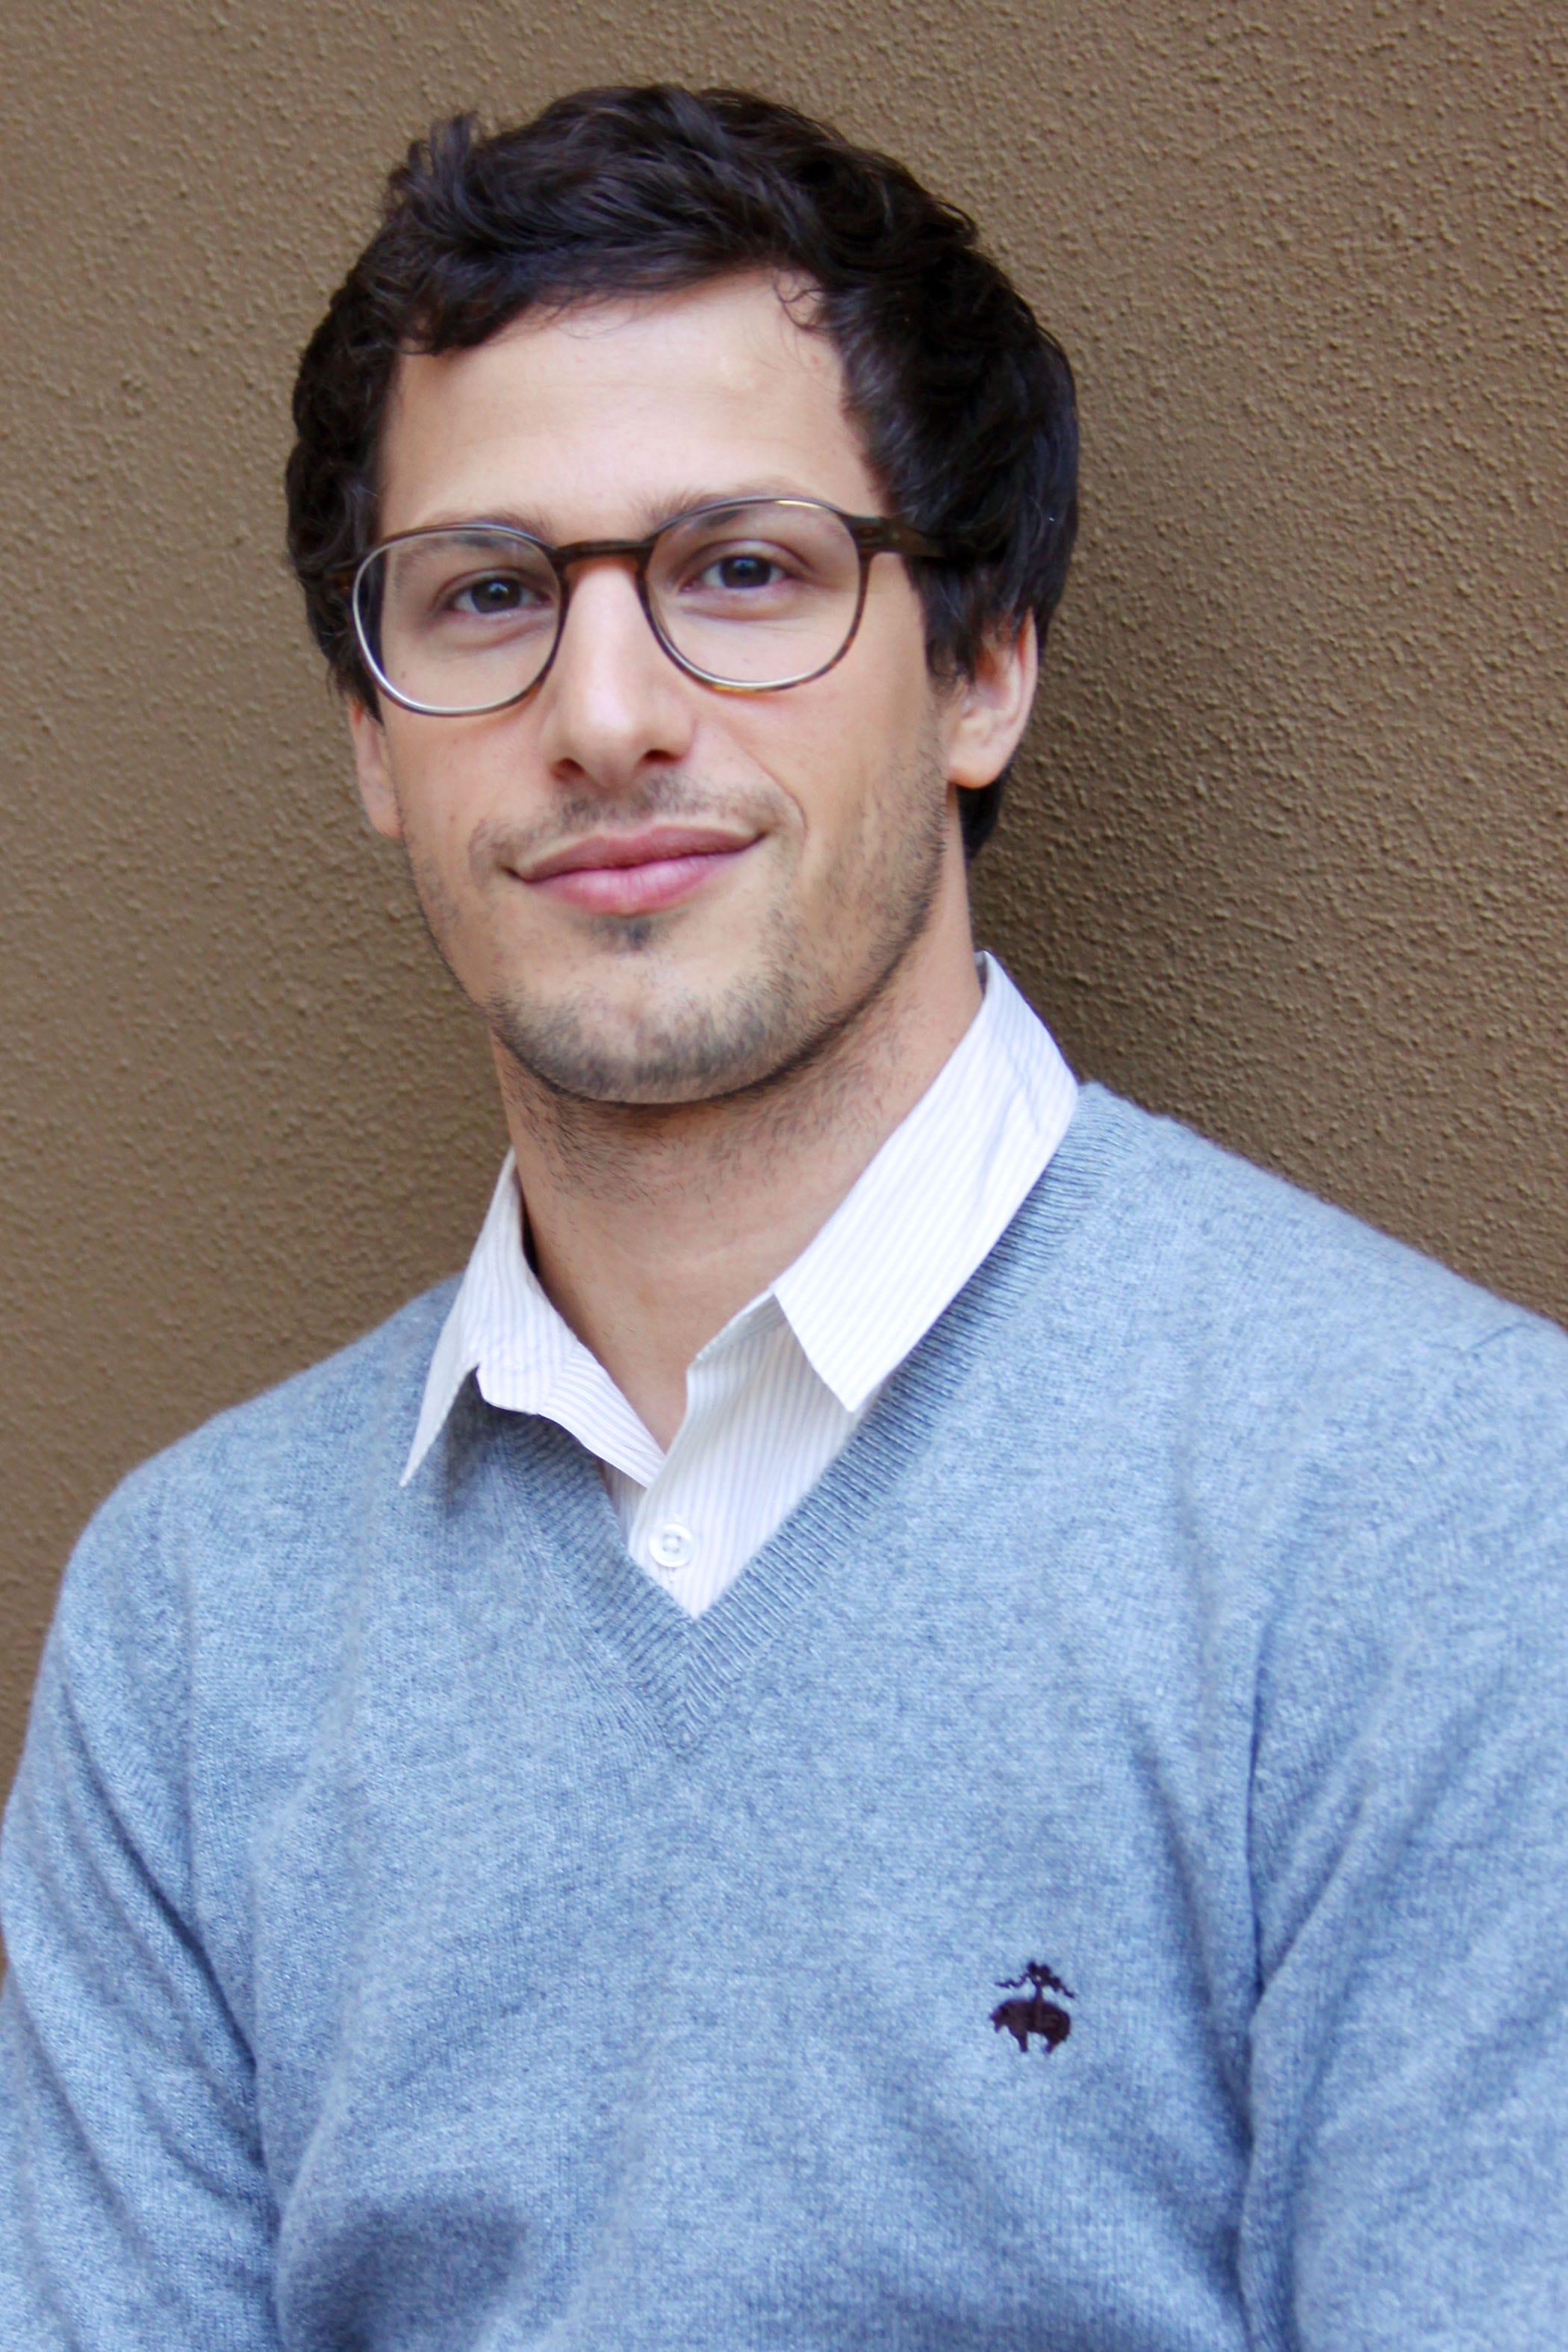 Andy Samberg For mobile